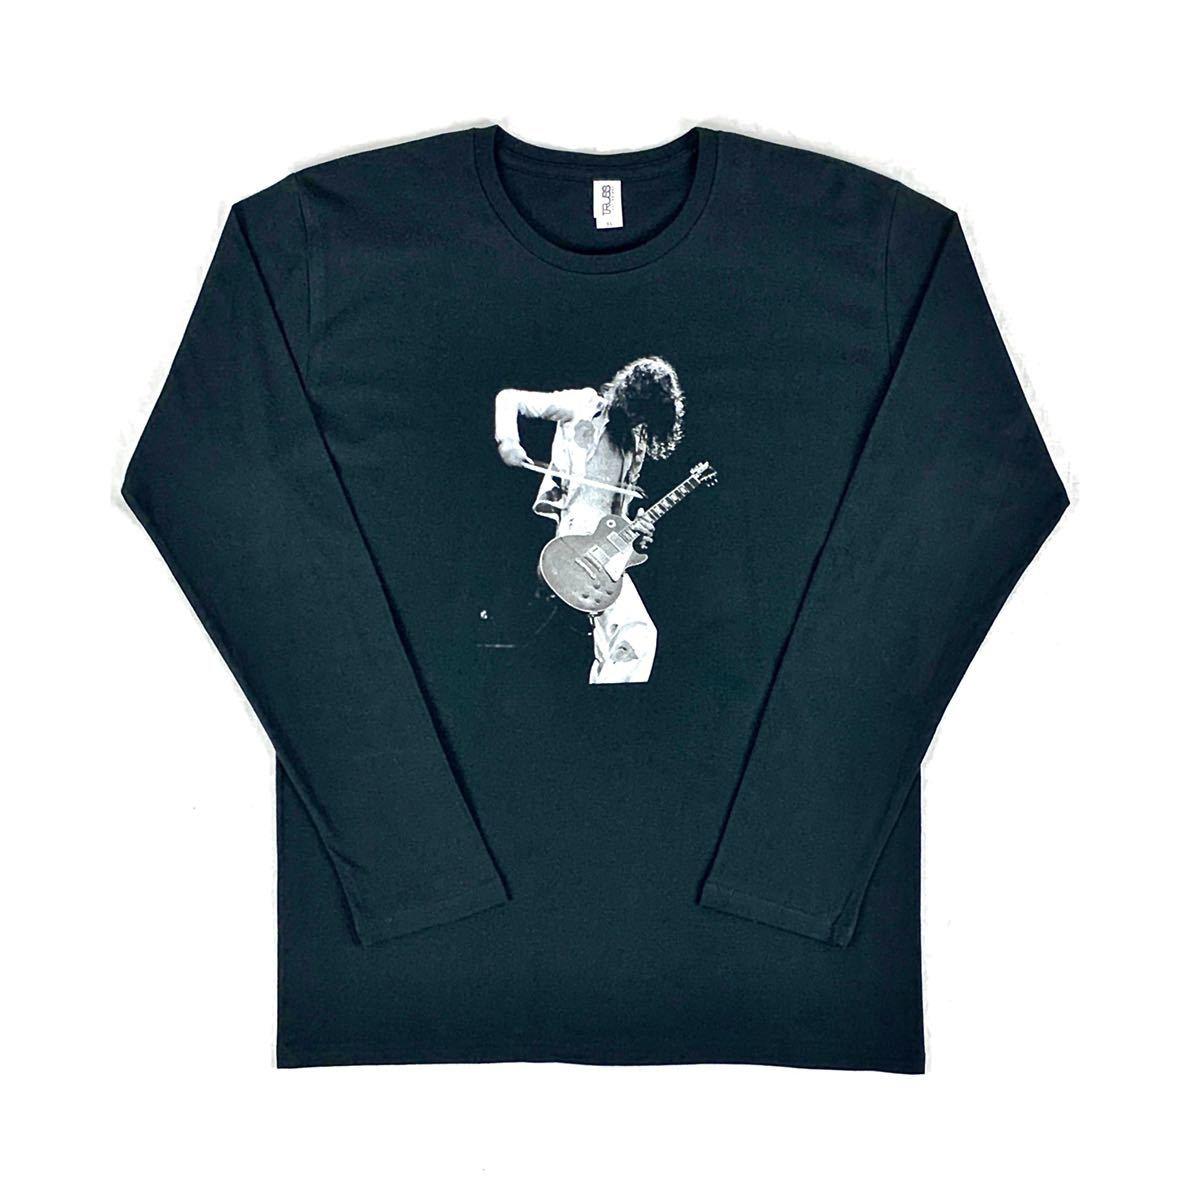 新品 ジミーペイジ レッドツェッペリン ギタリスト ロック バンド 黒 ロンT 長袖 Tシャツ XS S M L XL ビッグ オーバー サイズ XXL~4XL 可_画像6